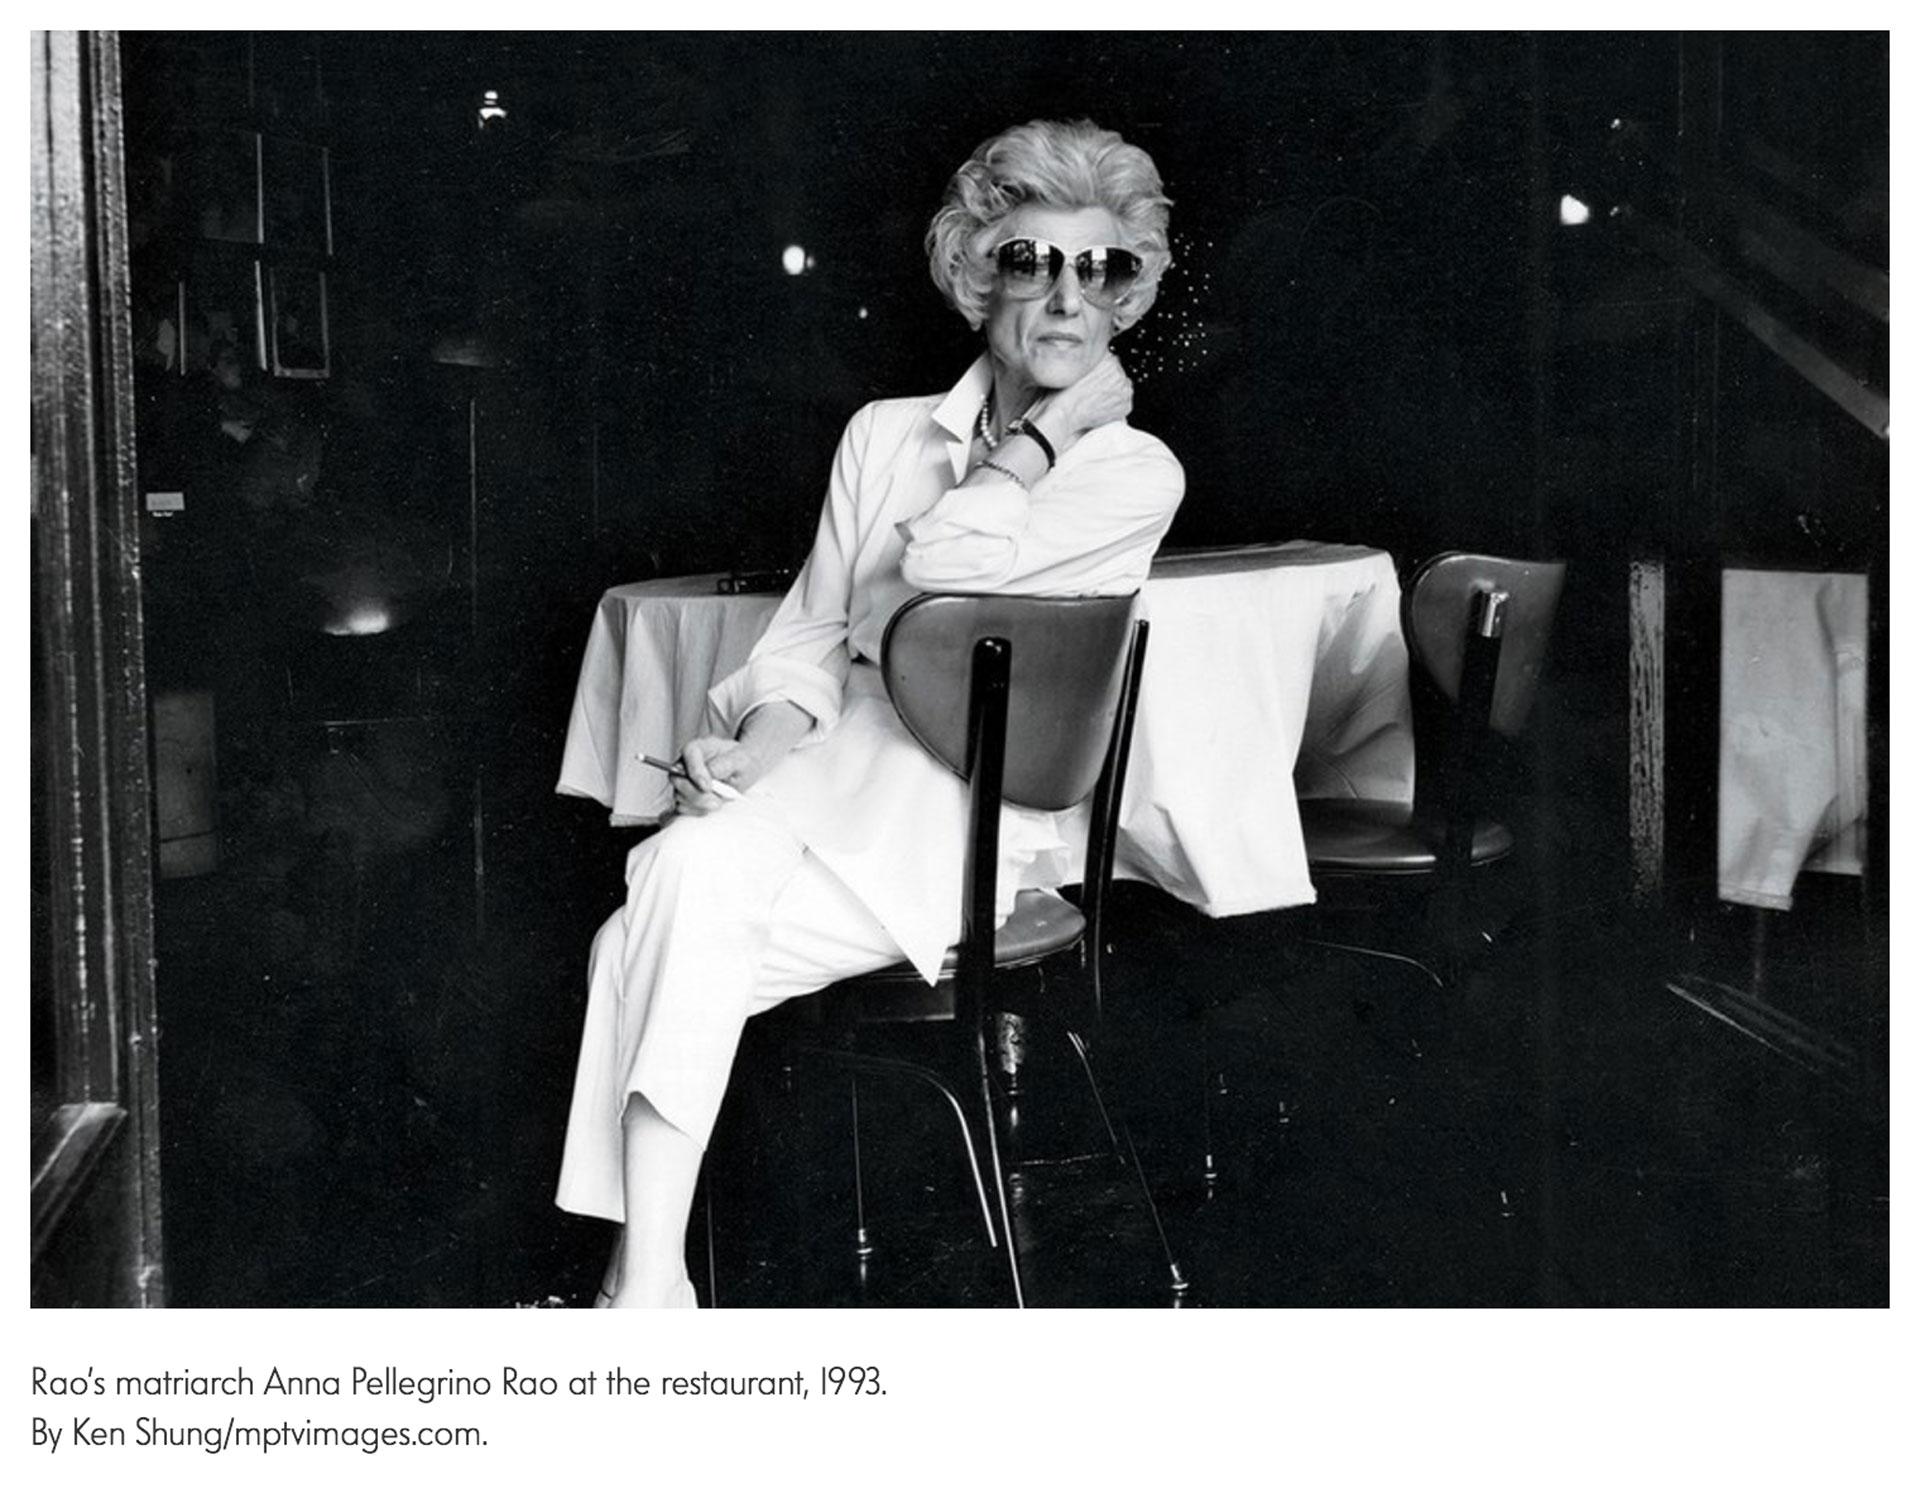 Ken Shung - Vanity Fair - portrait of restaurant owner Anna Pellegrino Rao